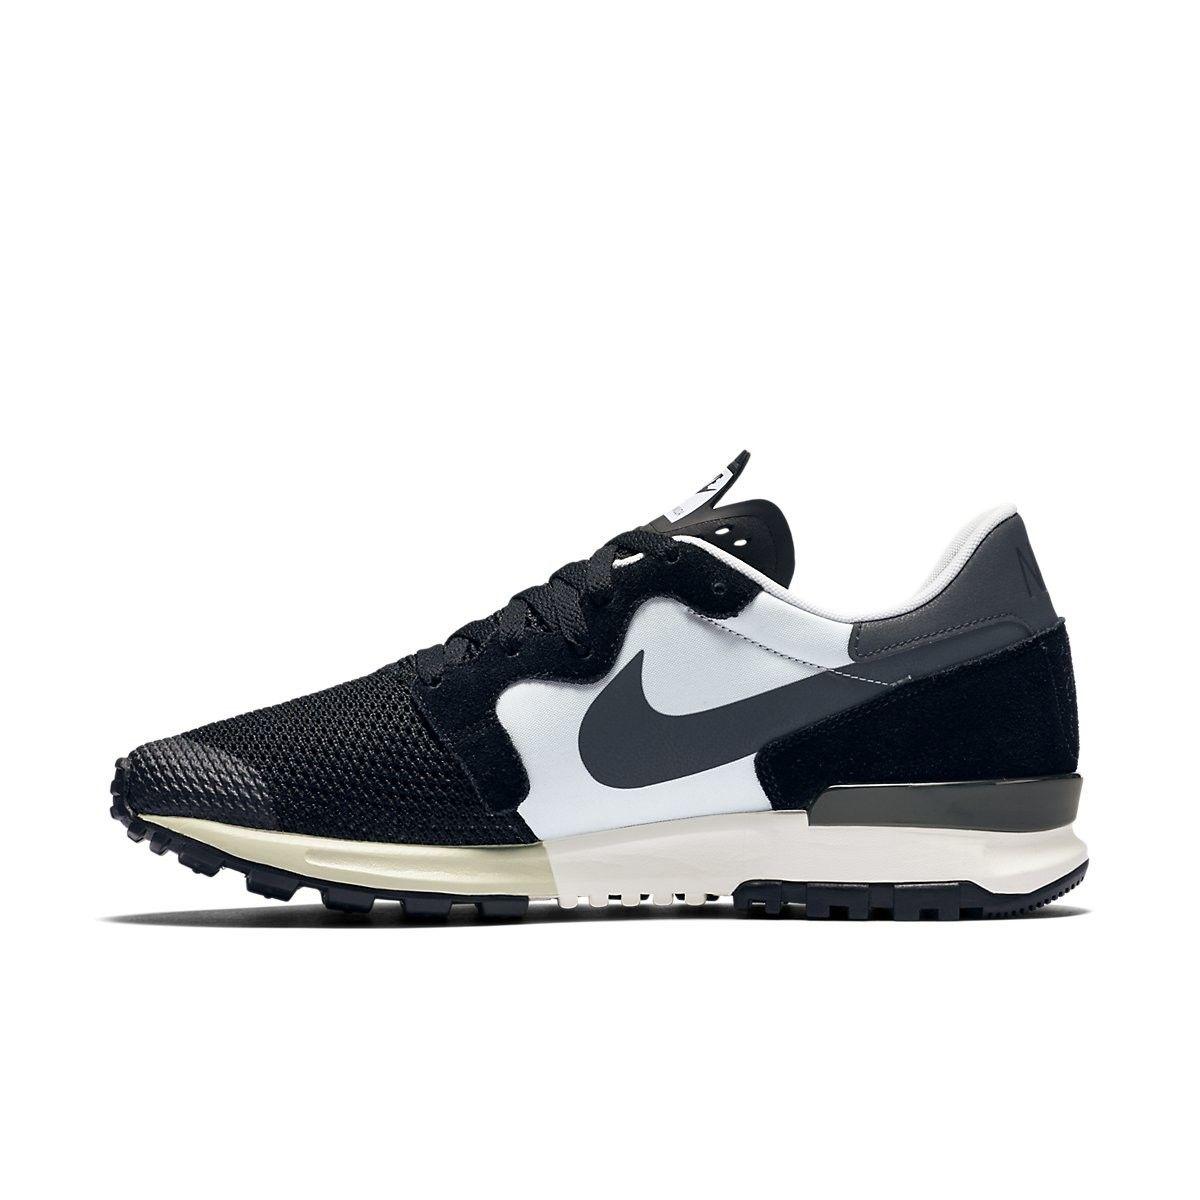 Nike Berwuda 555305 Air Basket 003 Pegashoes Yyb6vI7gfm